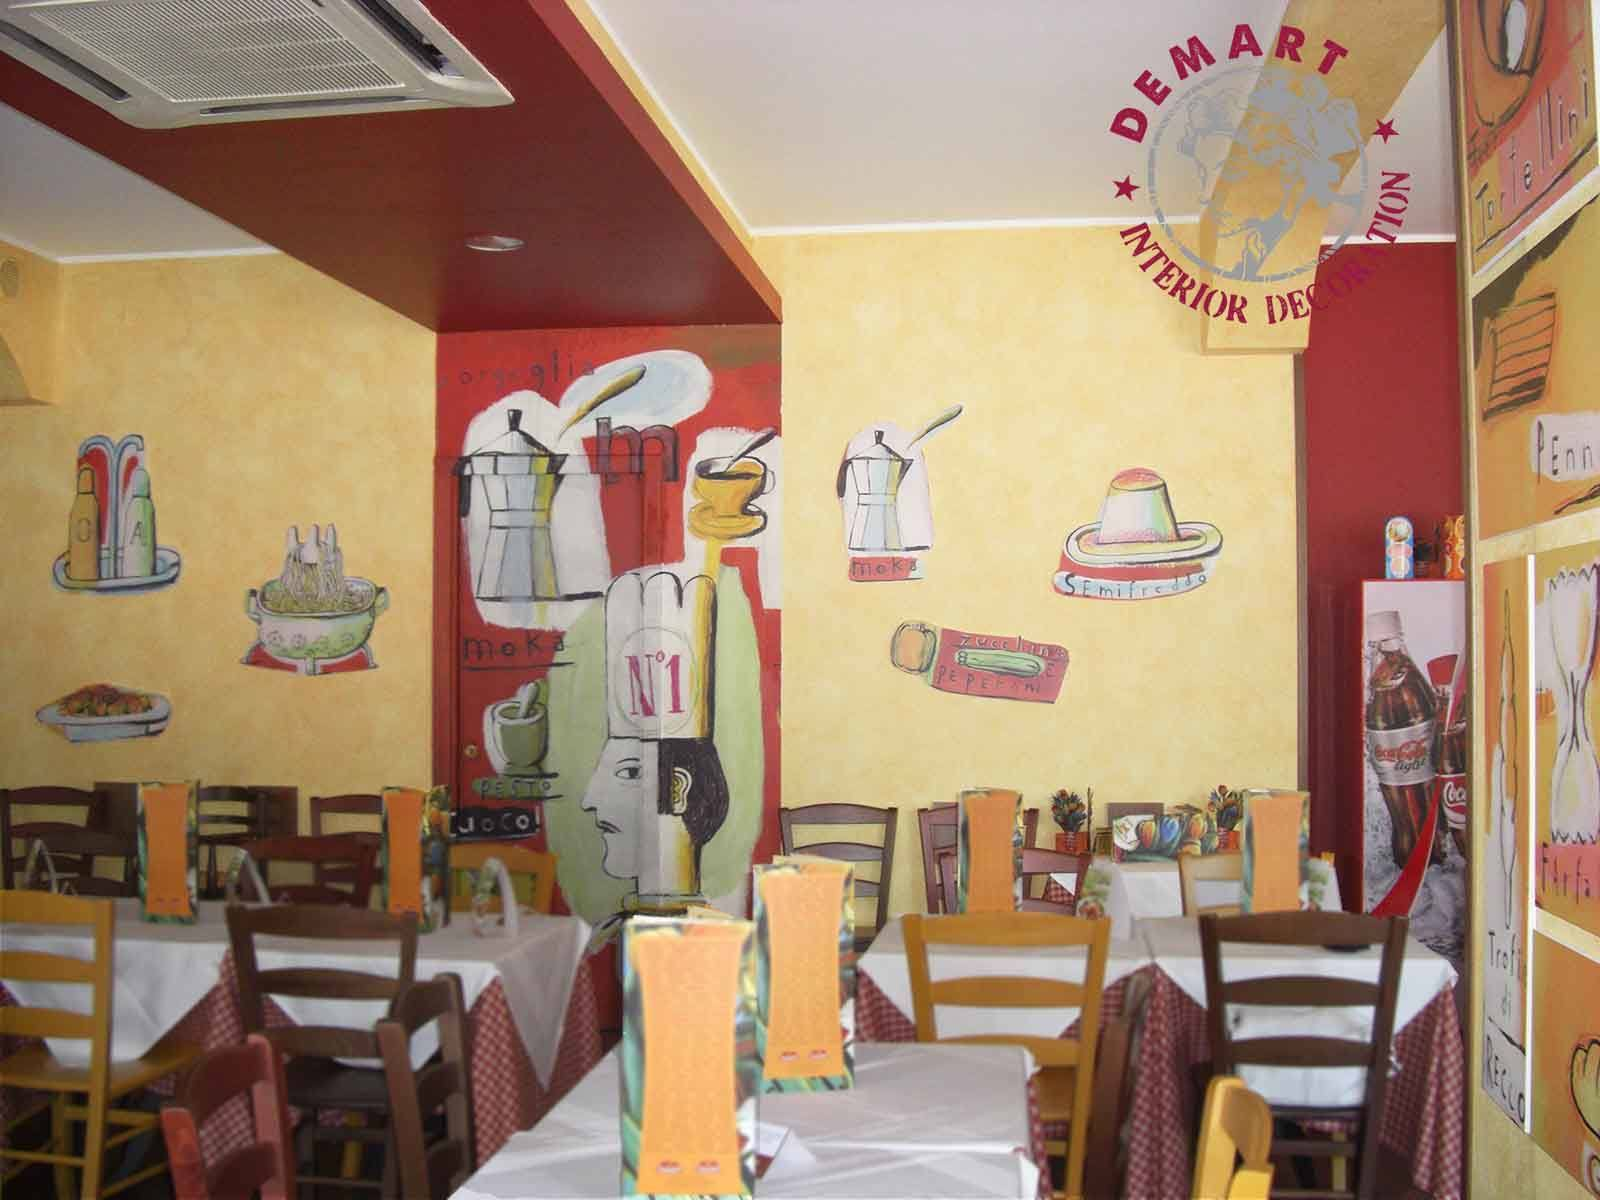 decorazione-parete-ristorante-pastarito-08